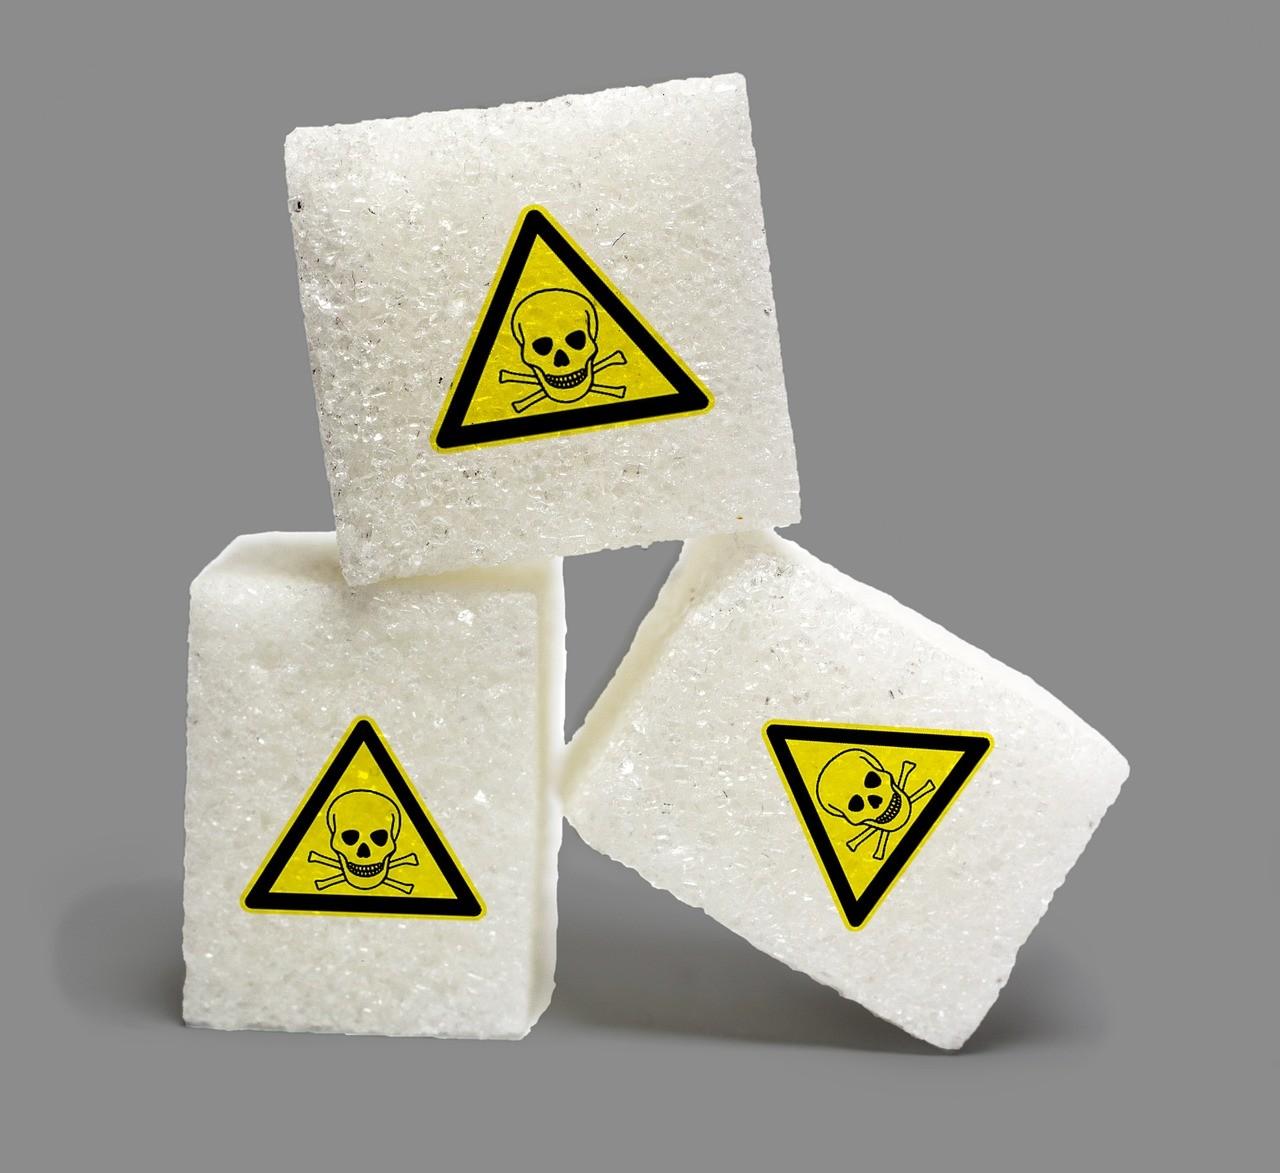 """Bild: 3 Industriezuckerwürfel mit Warnzeichen """"Giftig"""""""